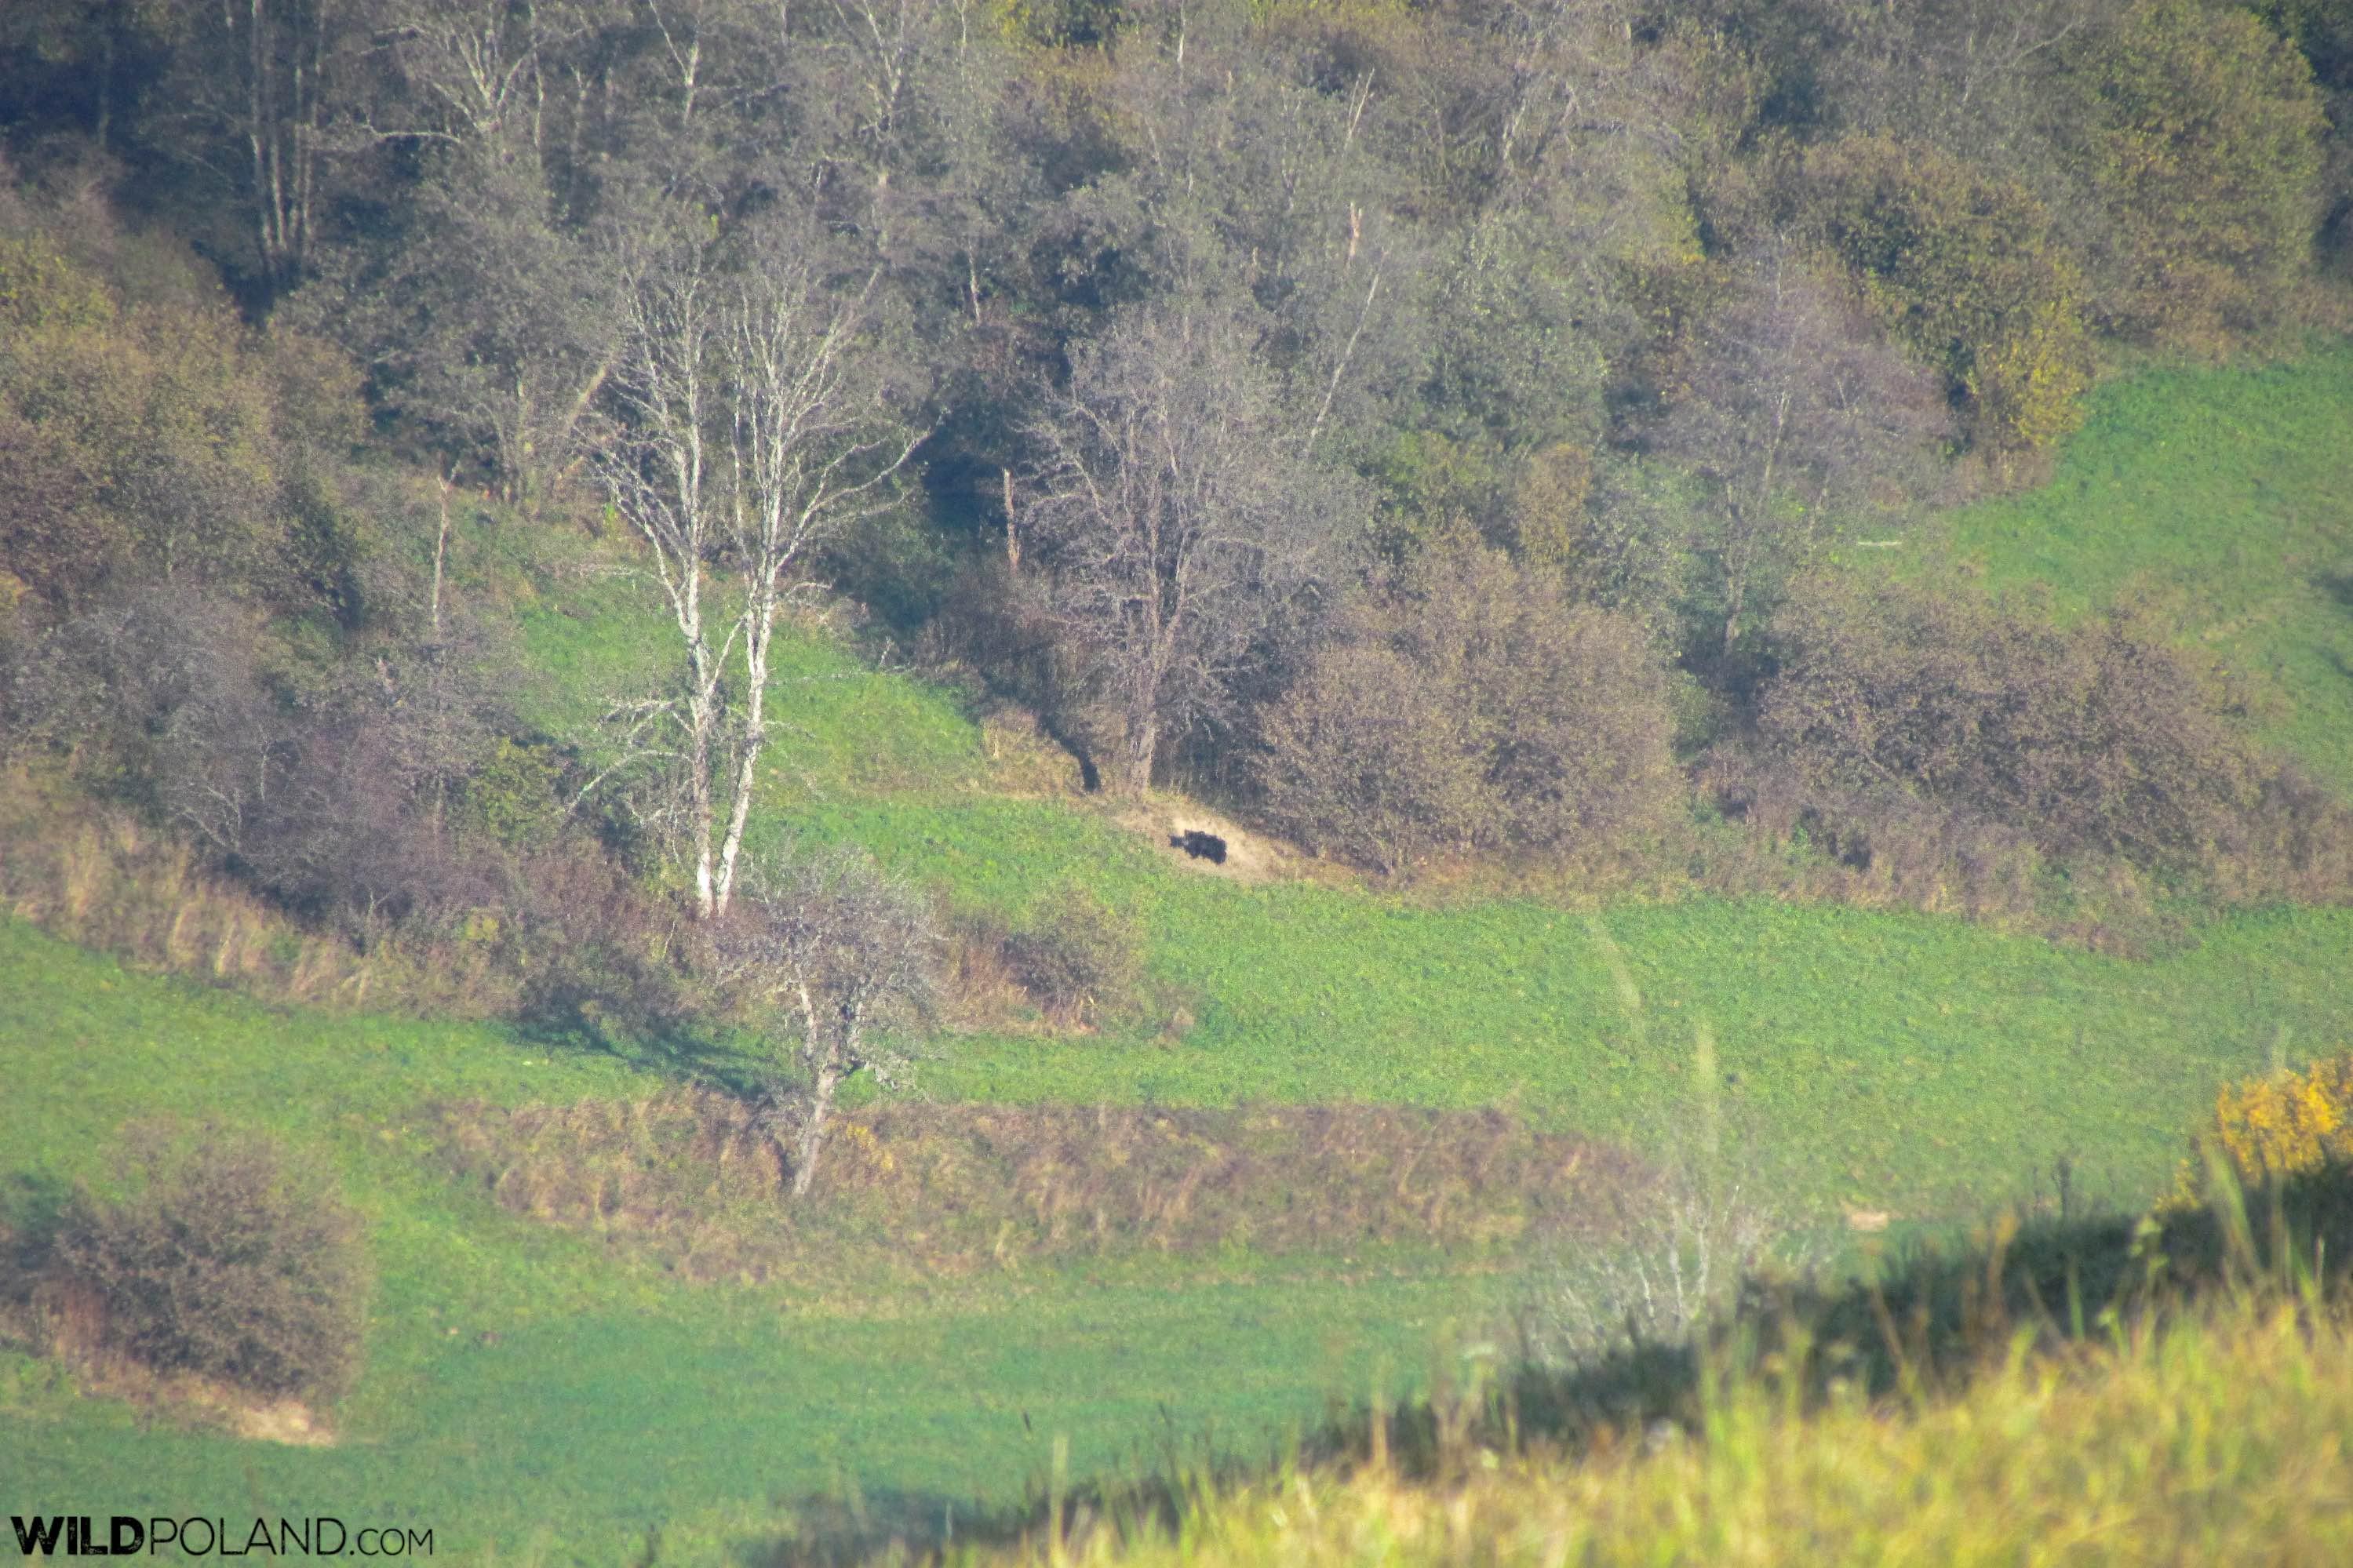 Brown bear in the Eastern Carpathians, Bieszczady Mts